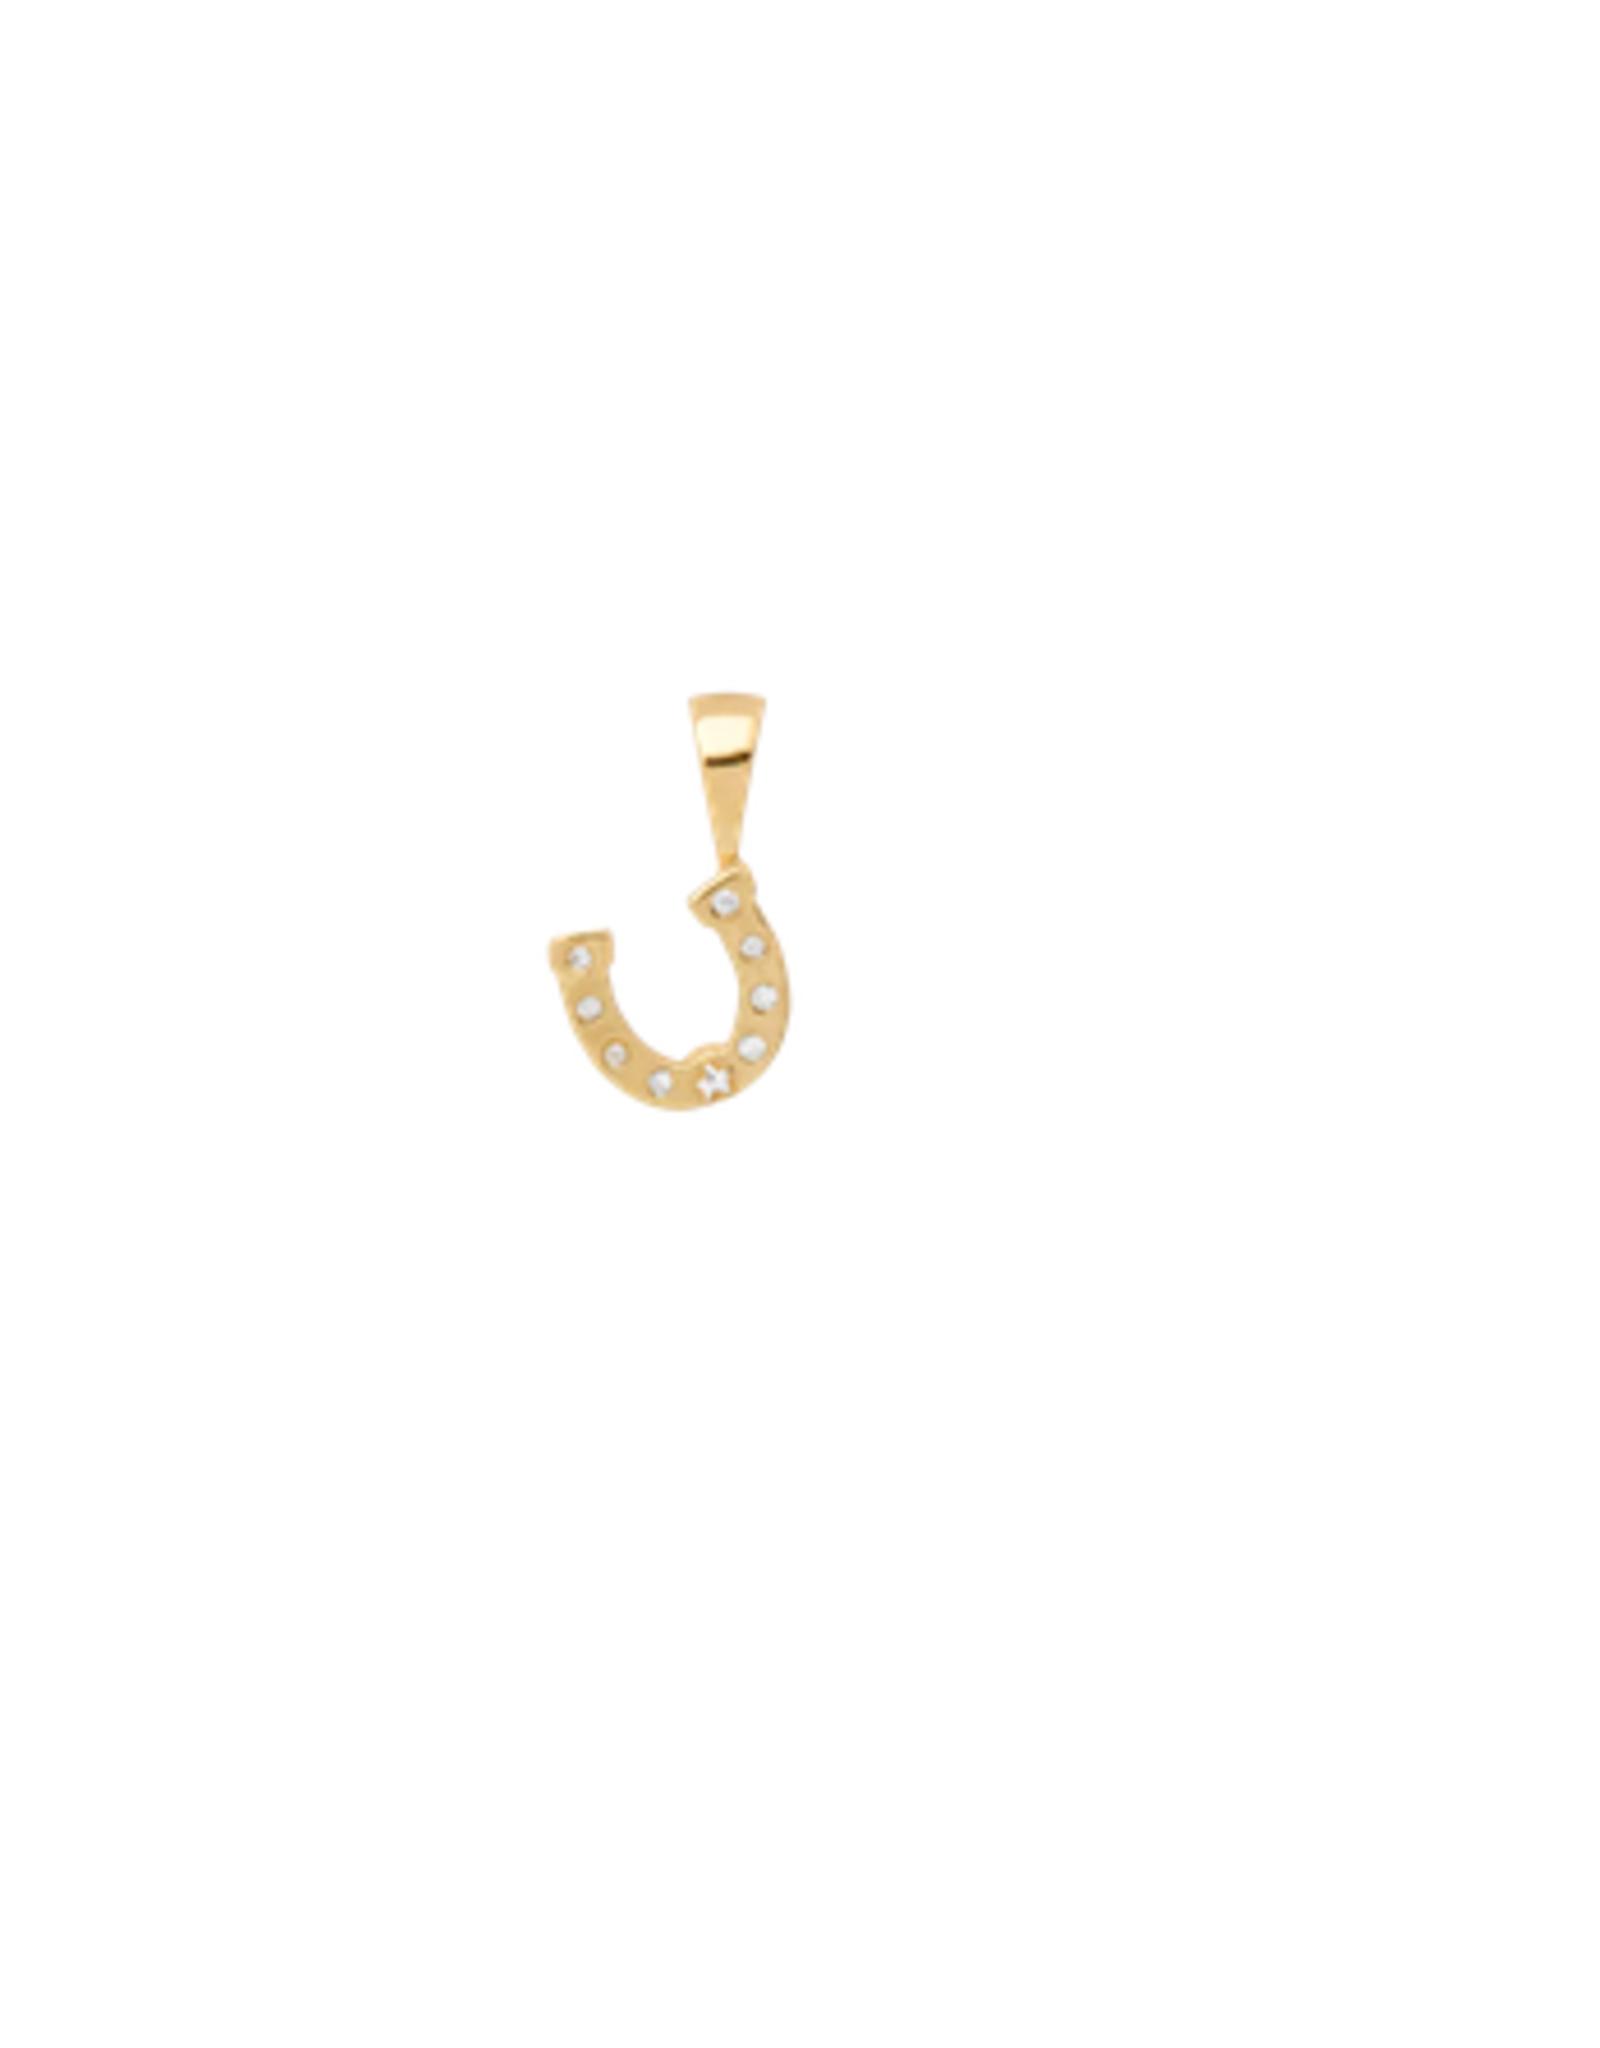 Anna + Nina Horseshoe Necklace Charm Goldplated